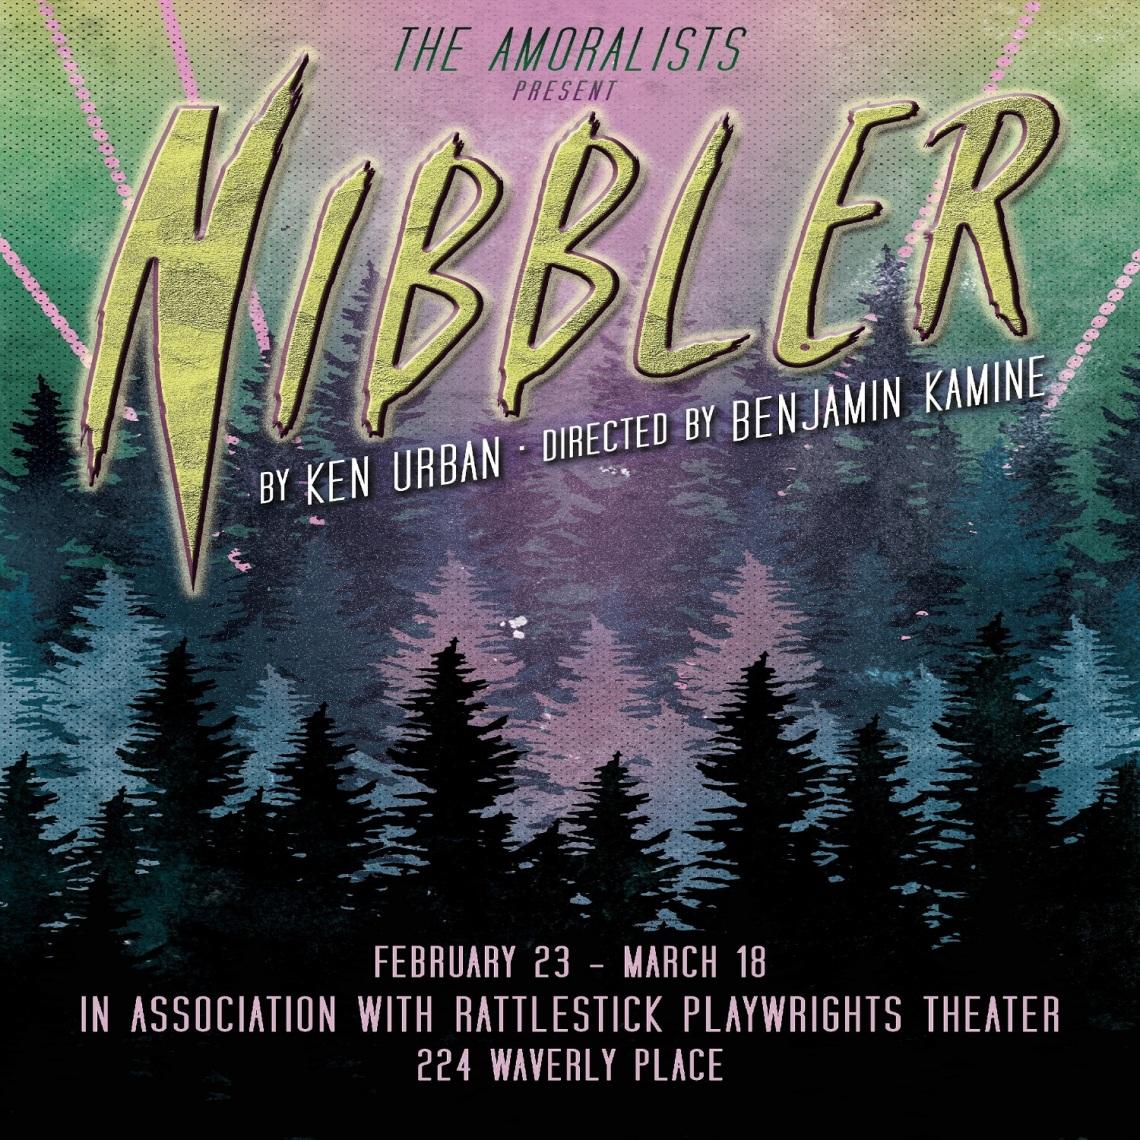 nibbler-poster-1500-x-1500